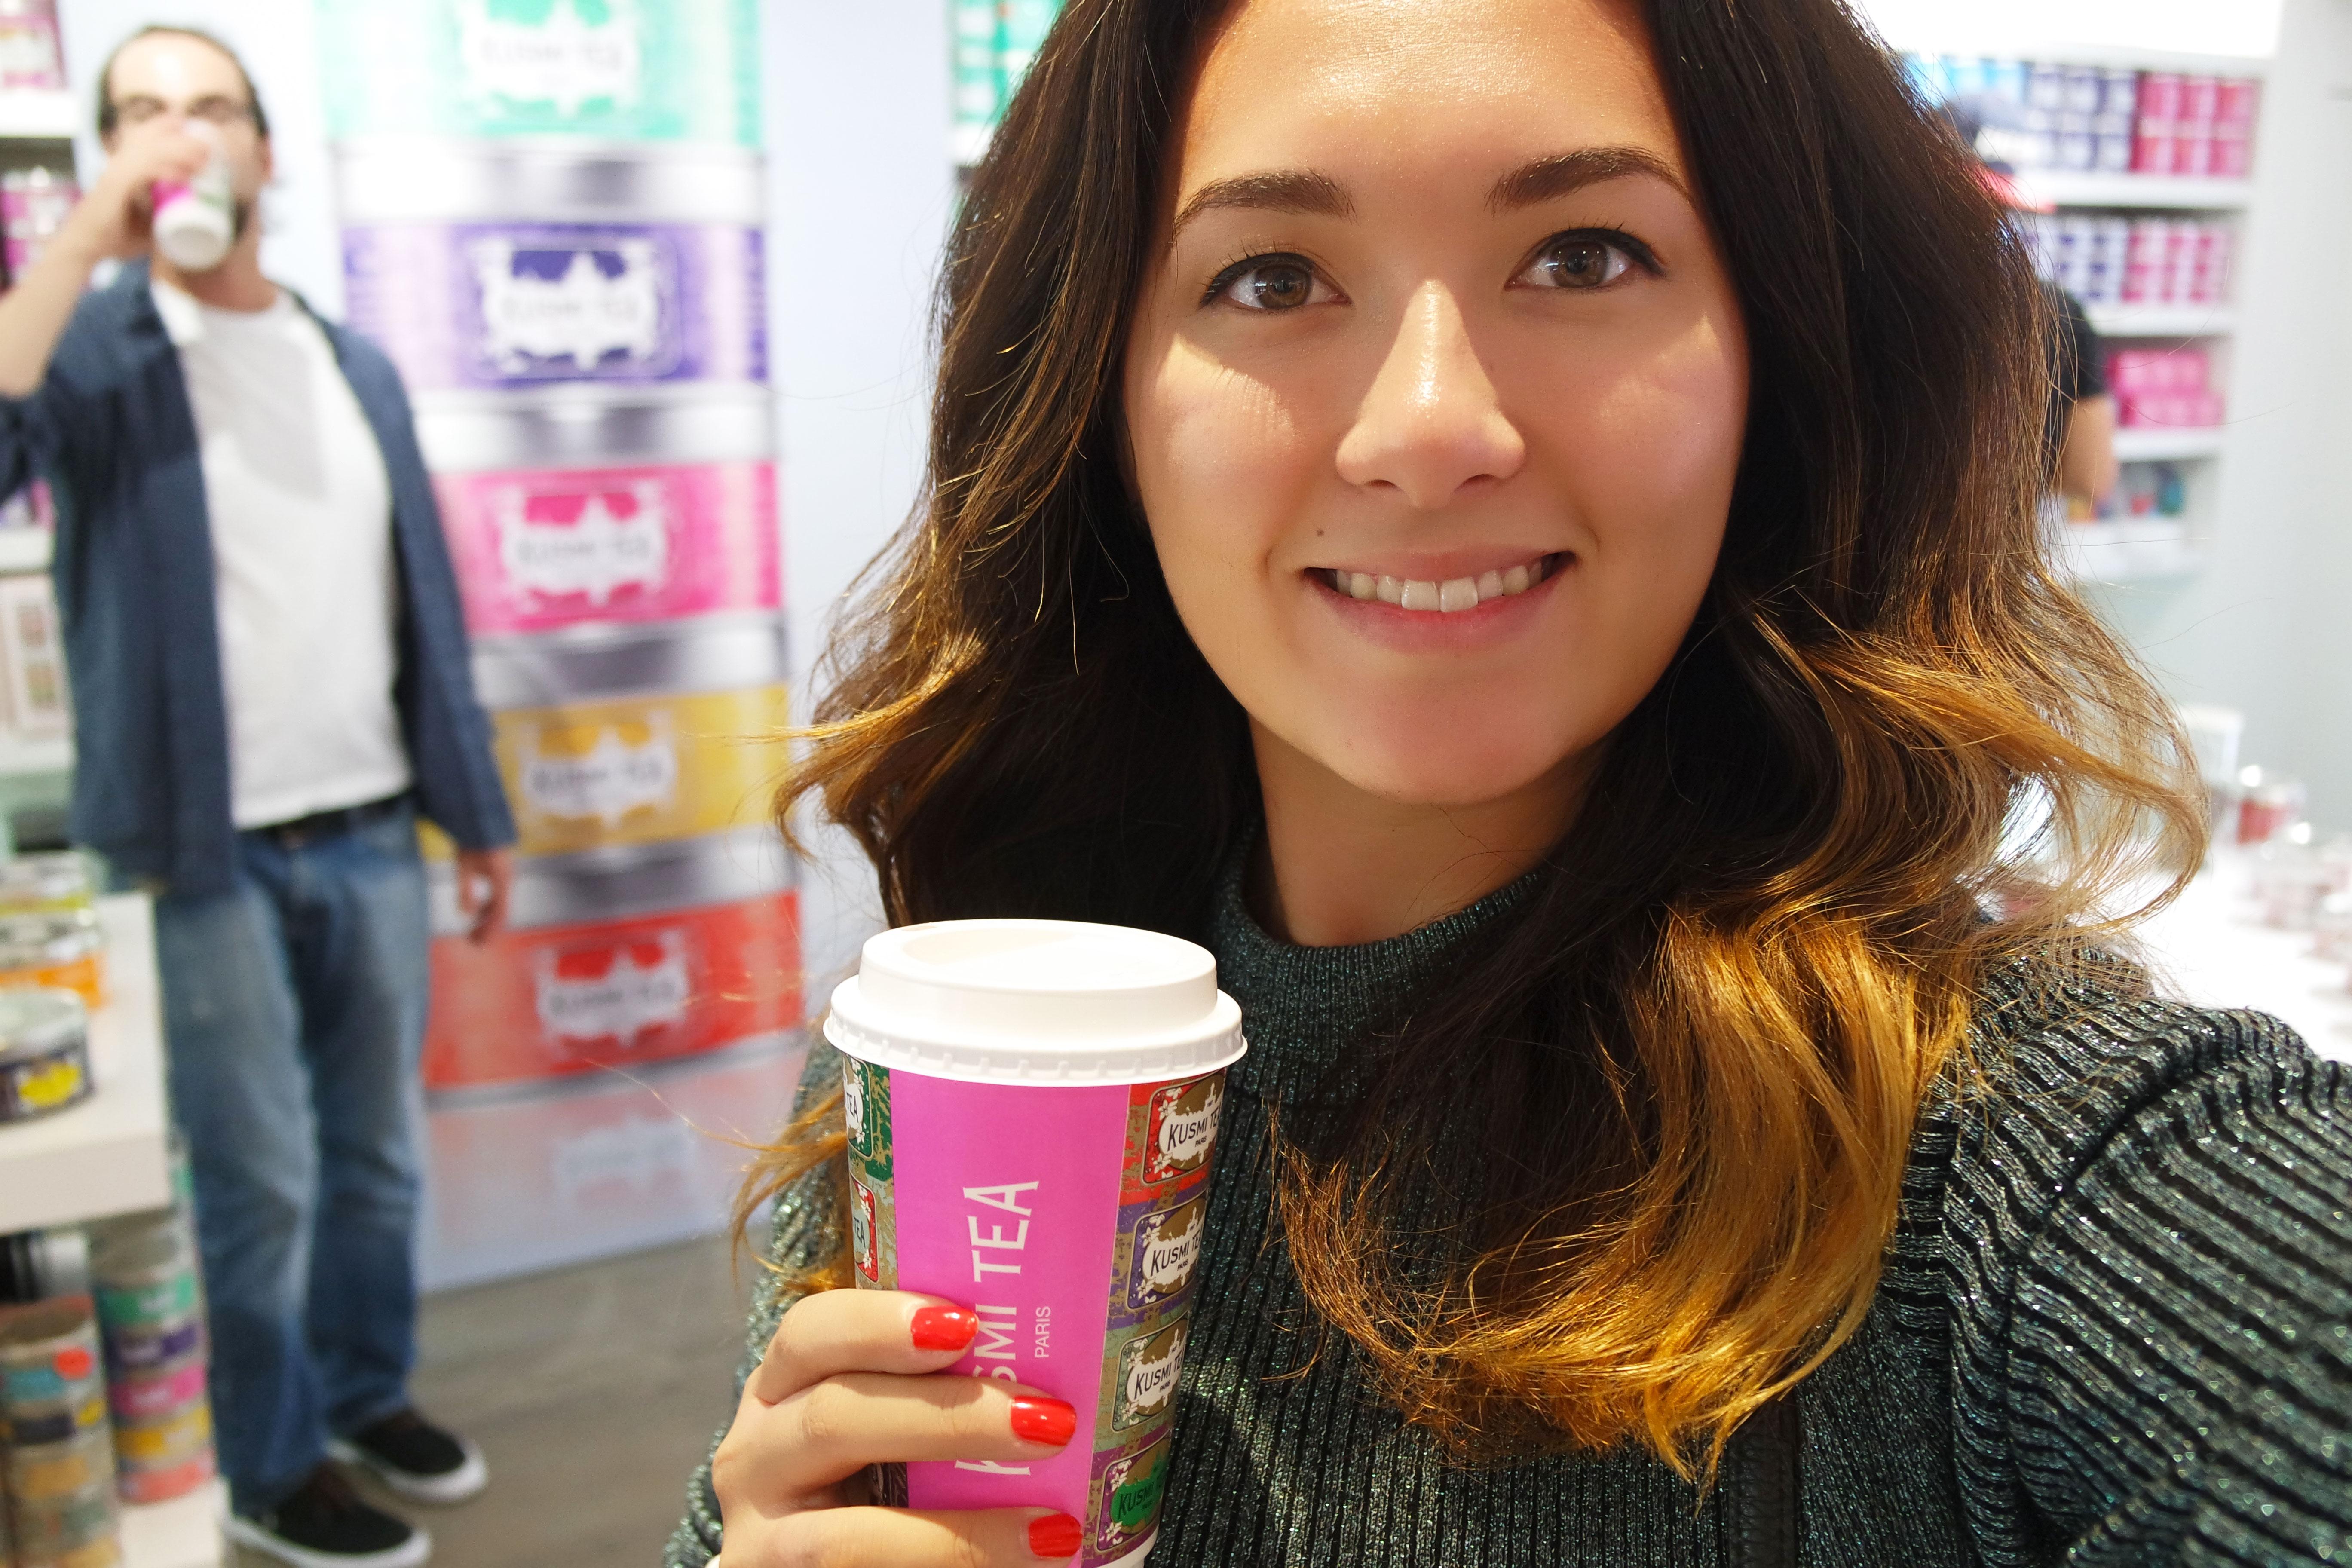 food-tour-montréal-ville-thé-sommelier-expérience-tea-choses-faire-city-blog